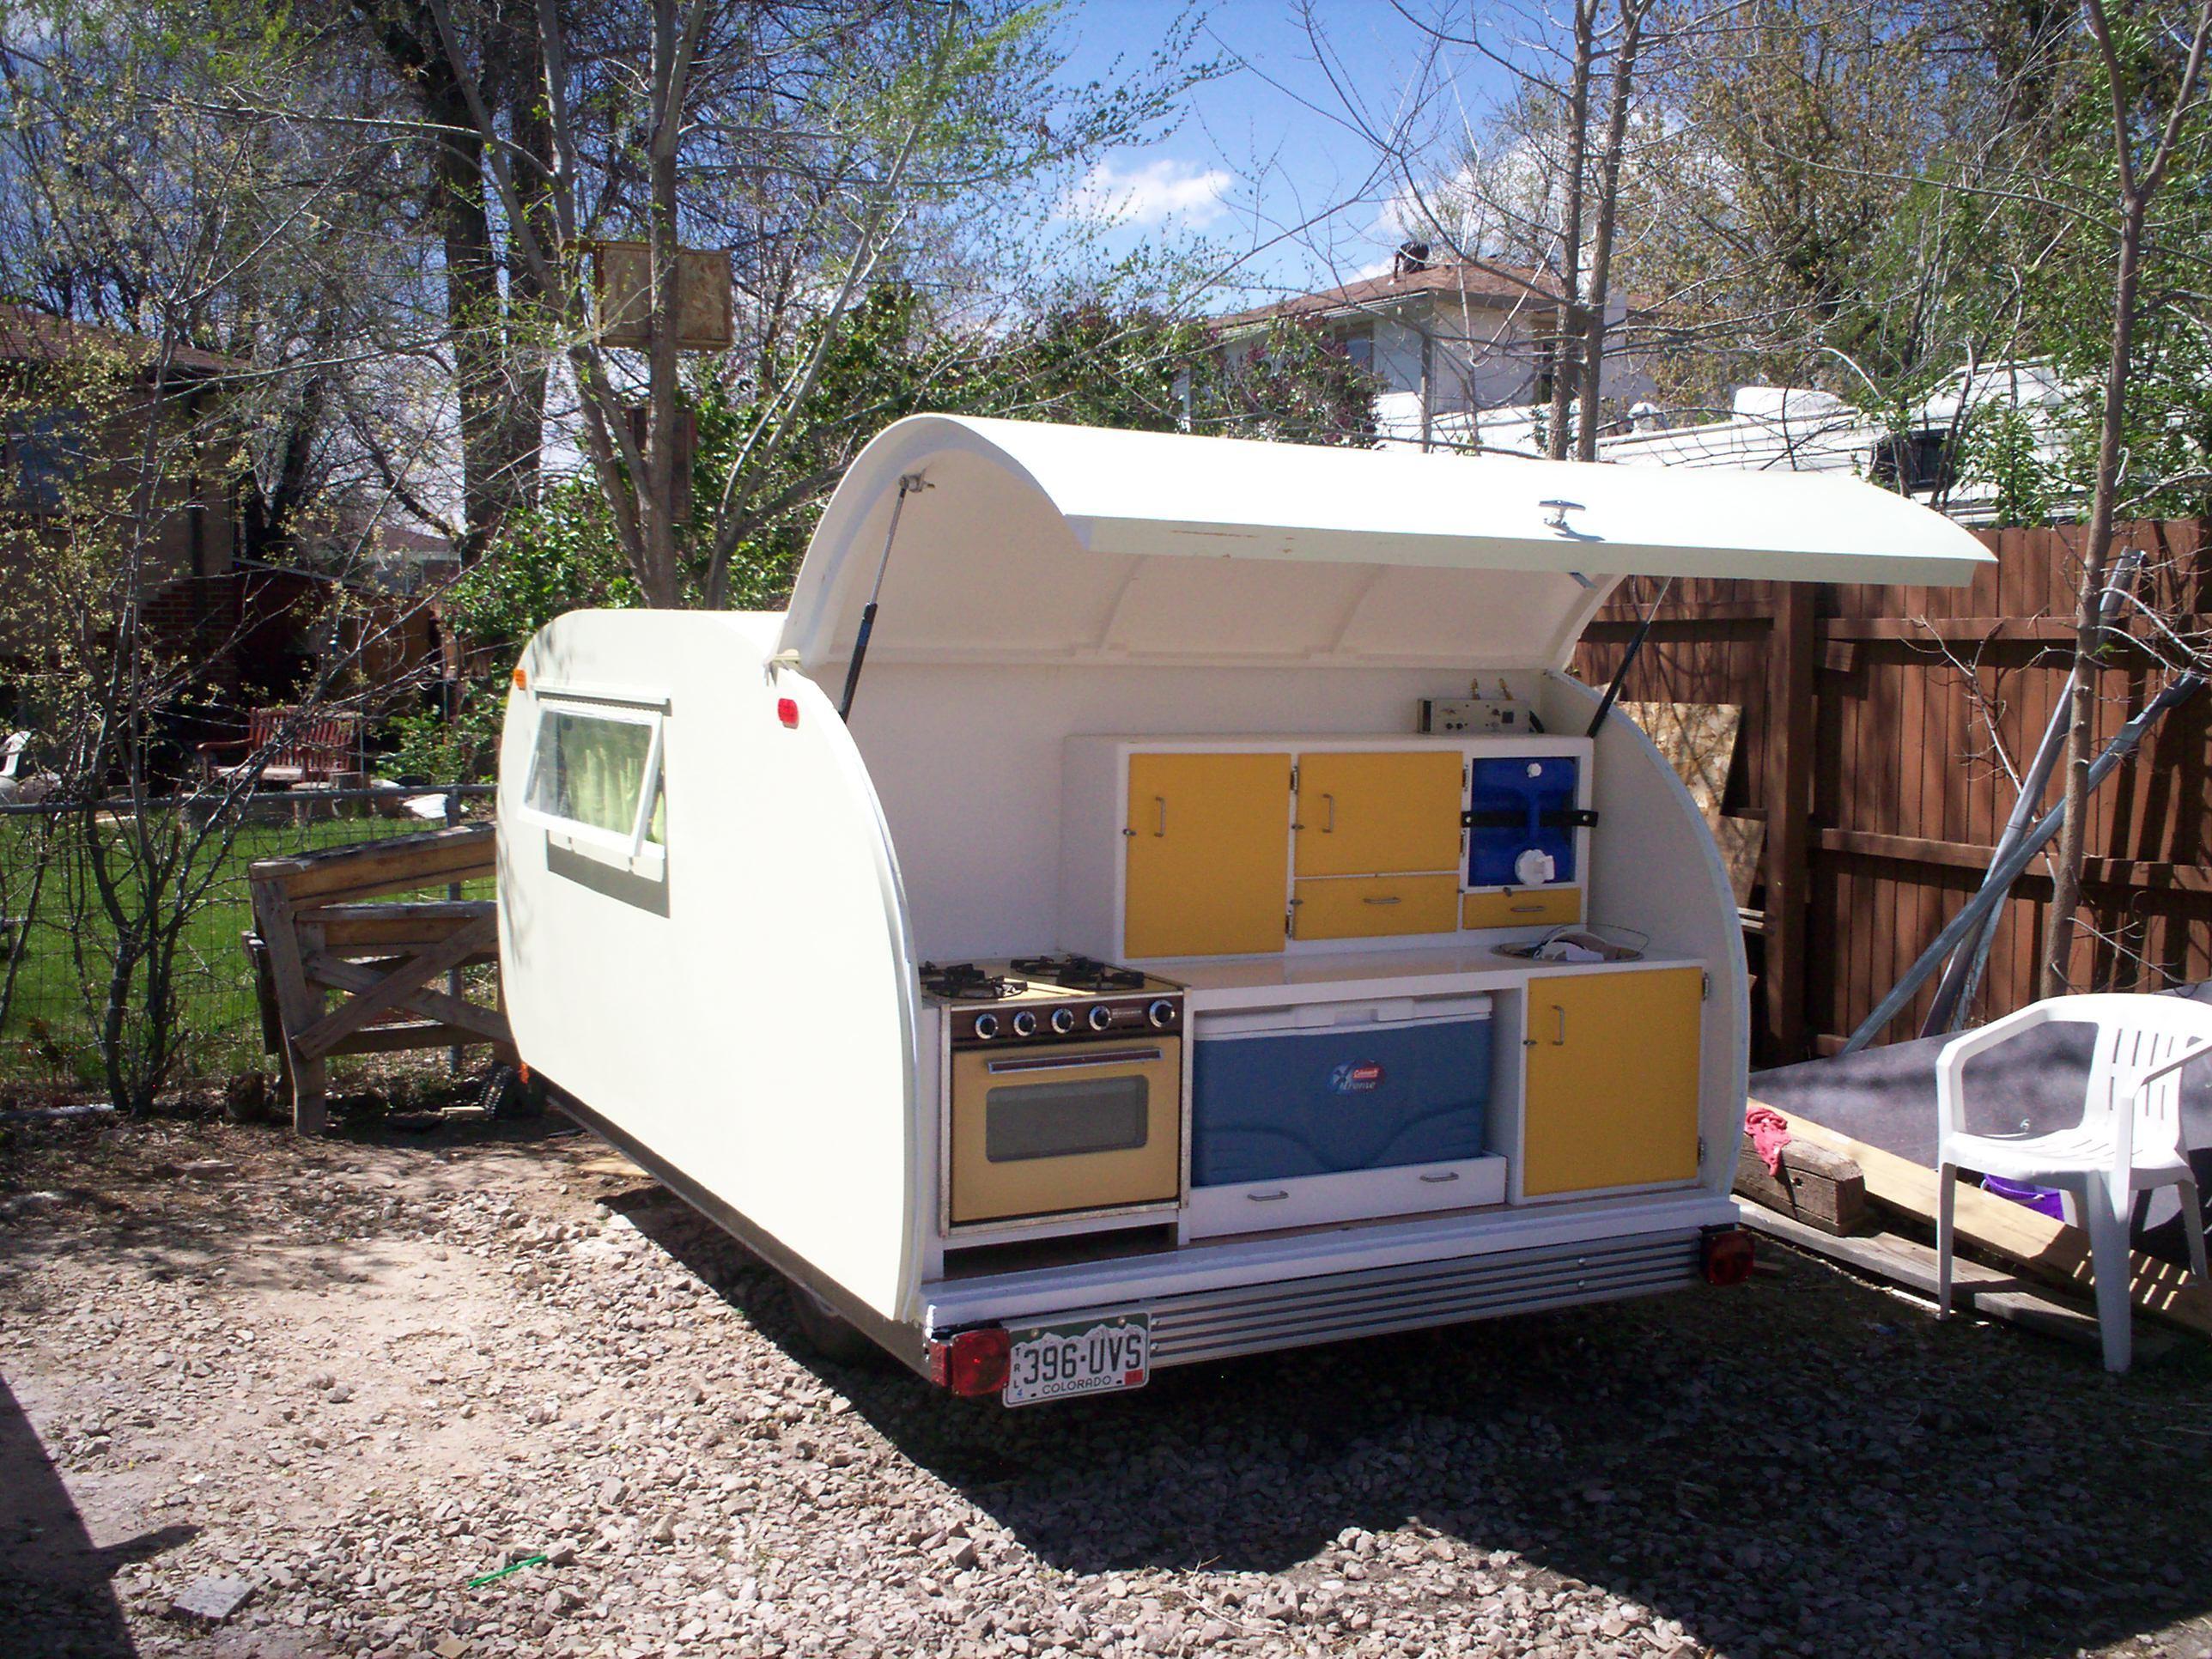 New Project: Teardrop CamperTrailer